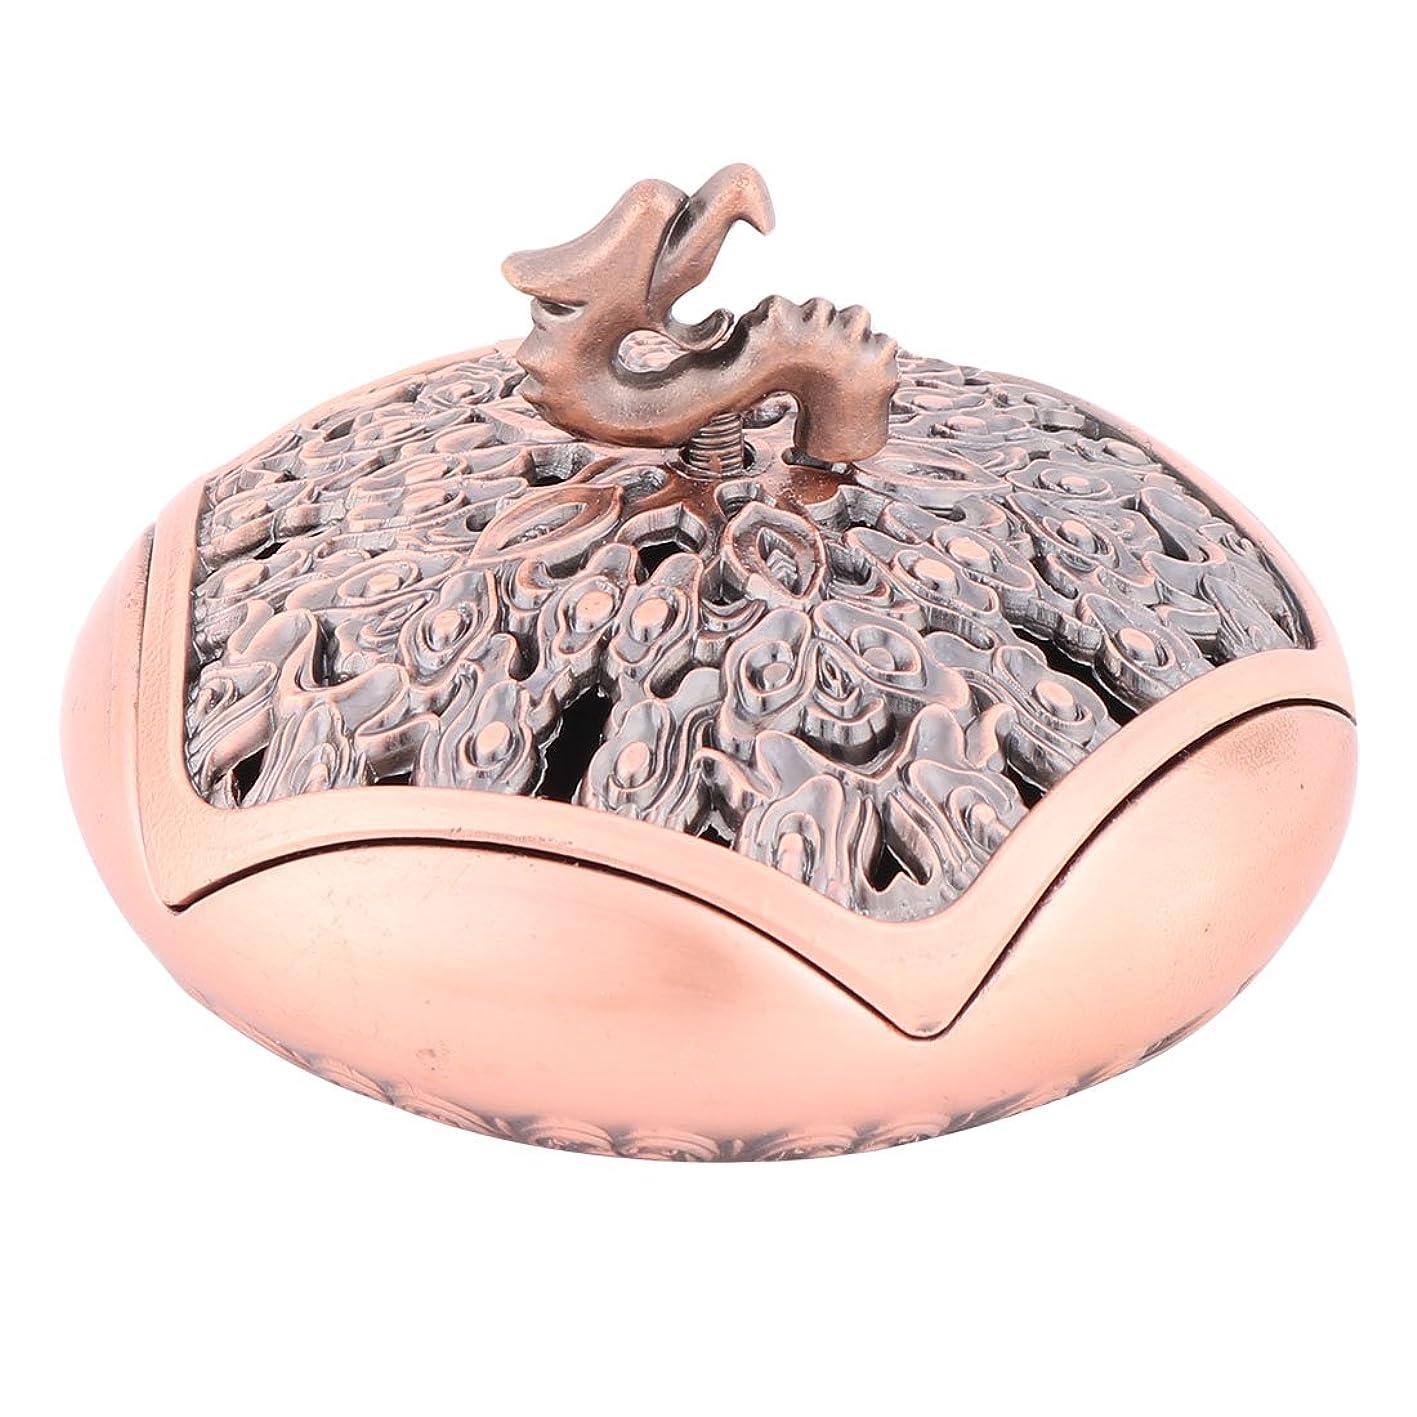 格納回転させる海藻uxcell 線香立て 横置き おしゃれ 香料貯蔵ツール 合金製 香箱アクセサリー 幸運 香箱ホルダーアクセサリー 寝室用 外径9.6cm シャンペン色